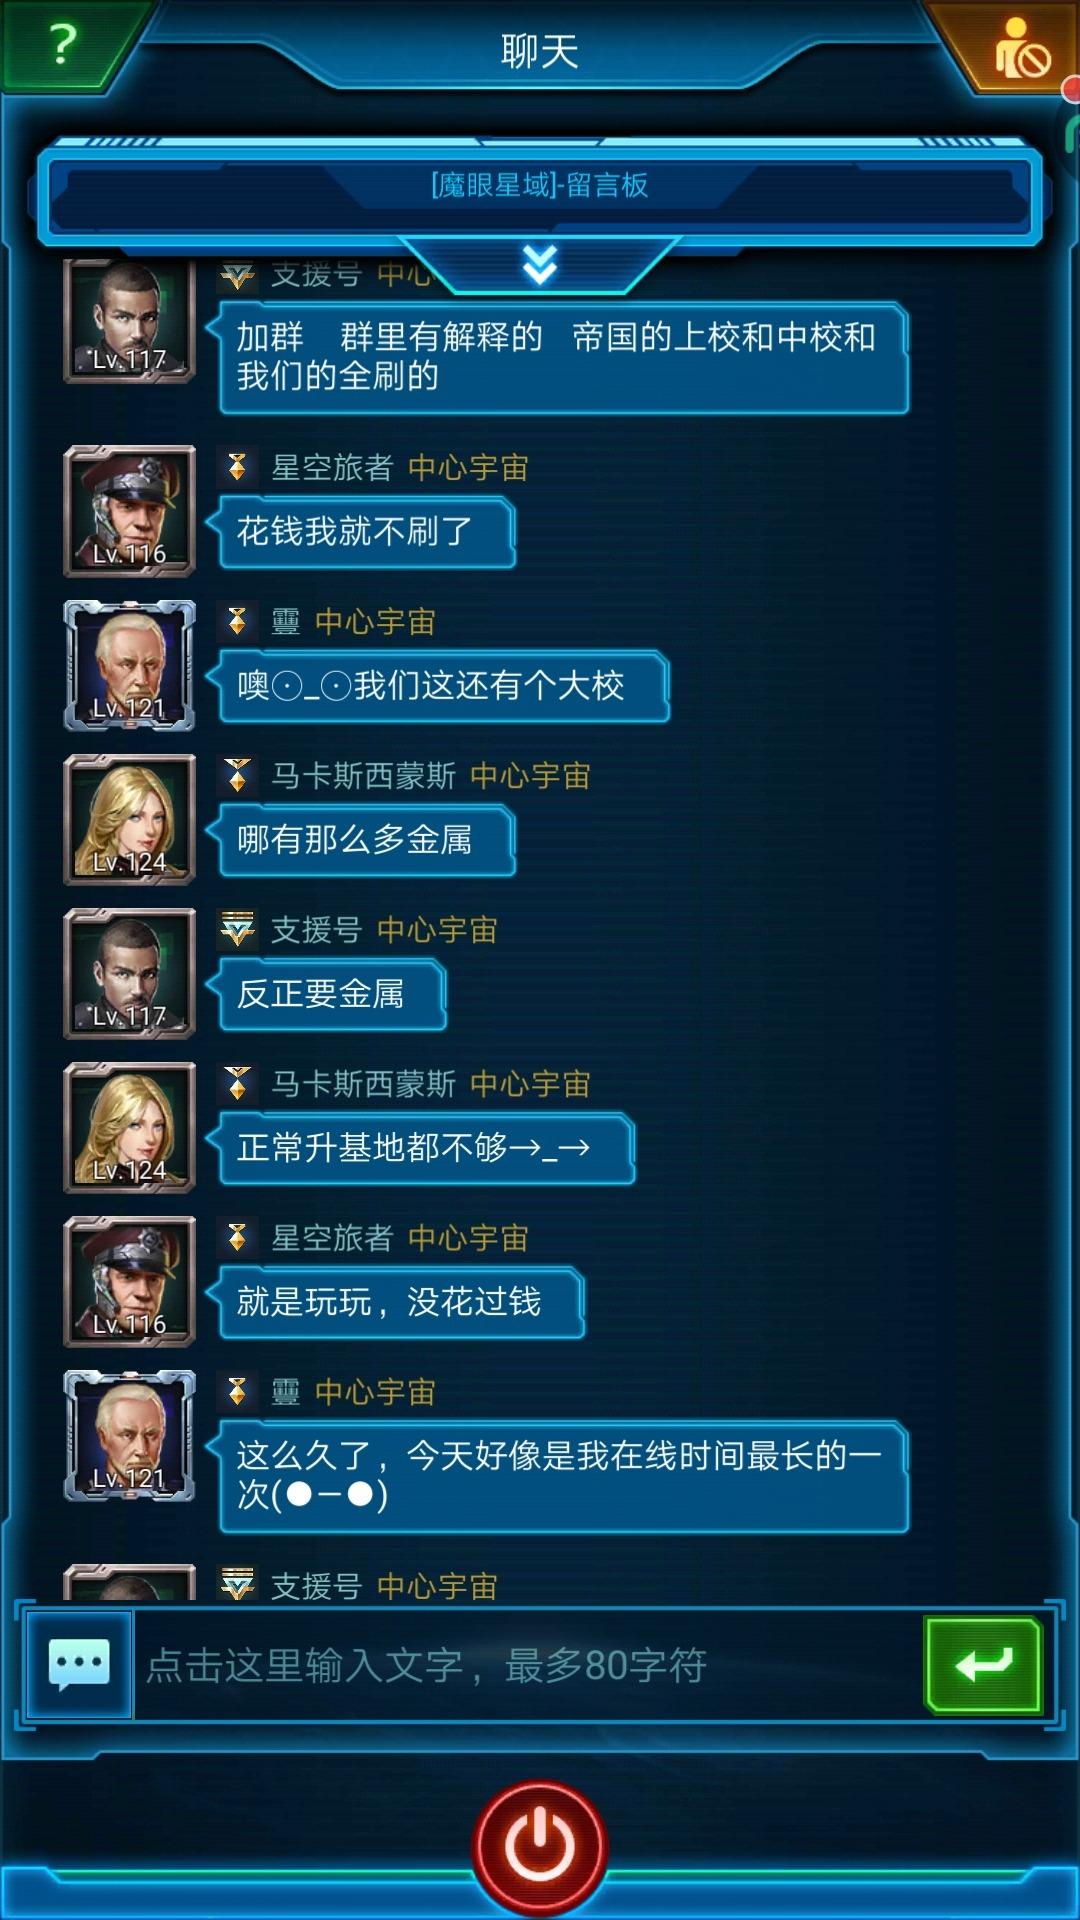 Screenshot_20190413_202238_com.jedigames.p16s.aligames.jpg